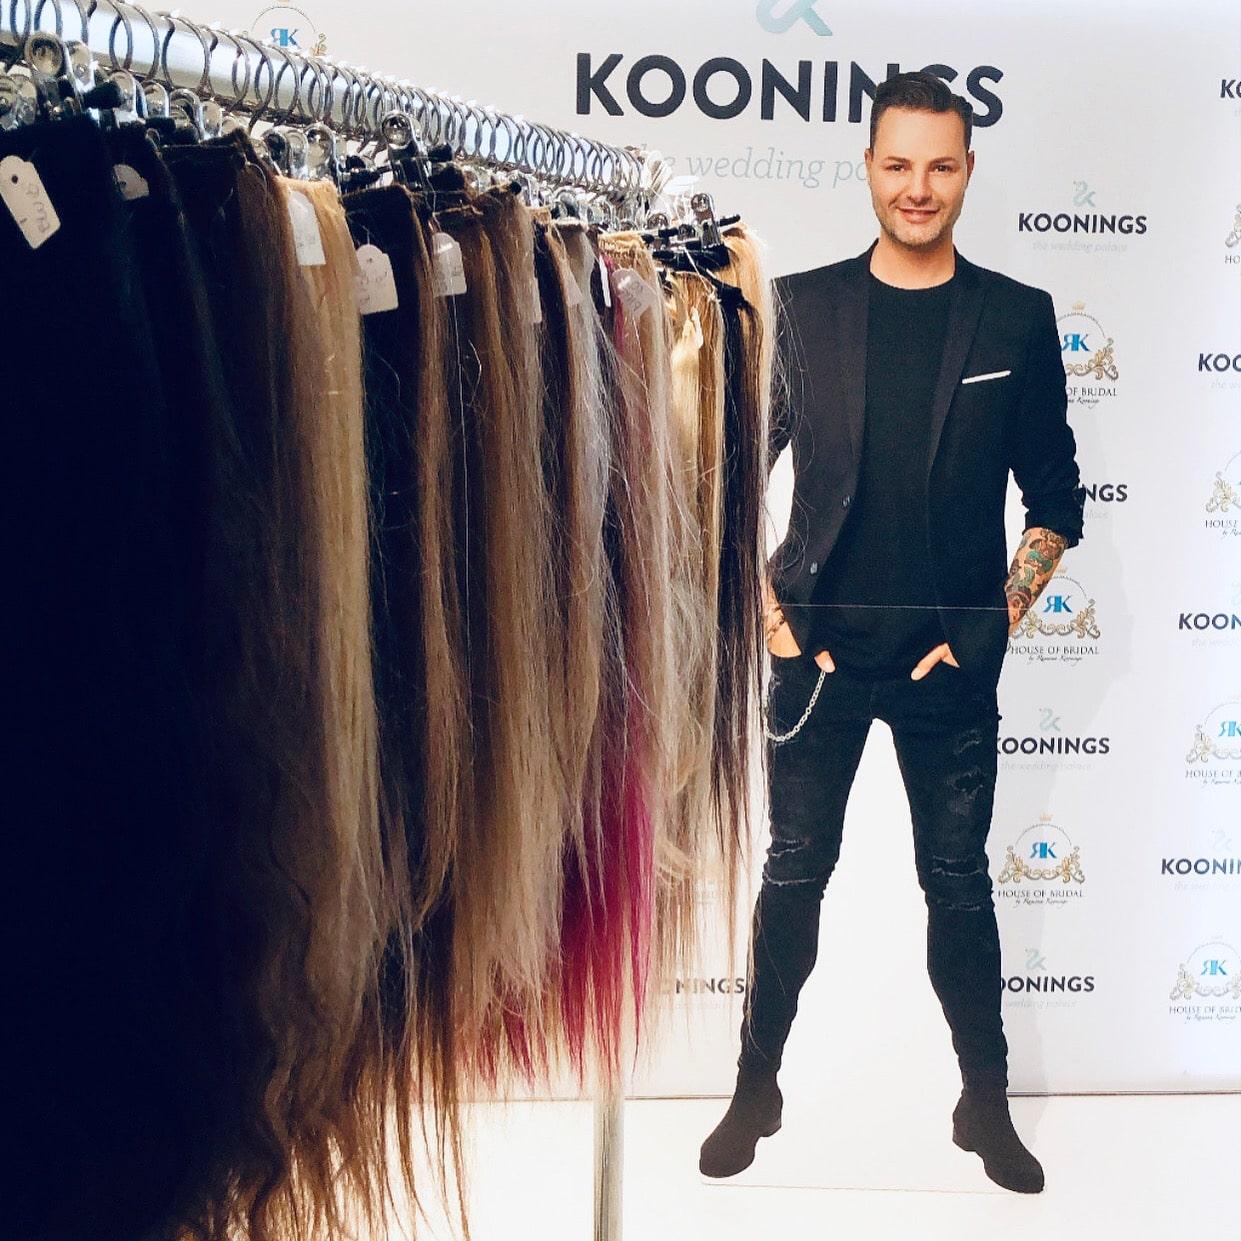 koonings fred van leer say yes to the dress